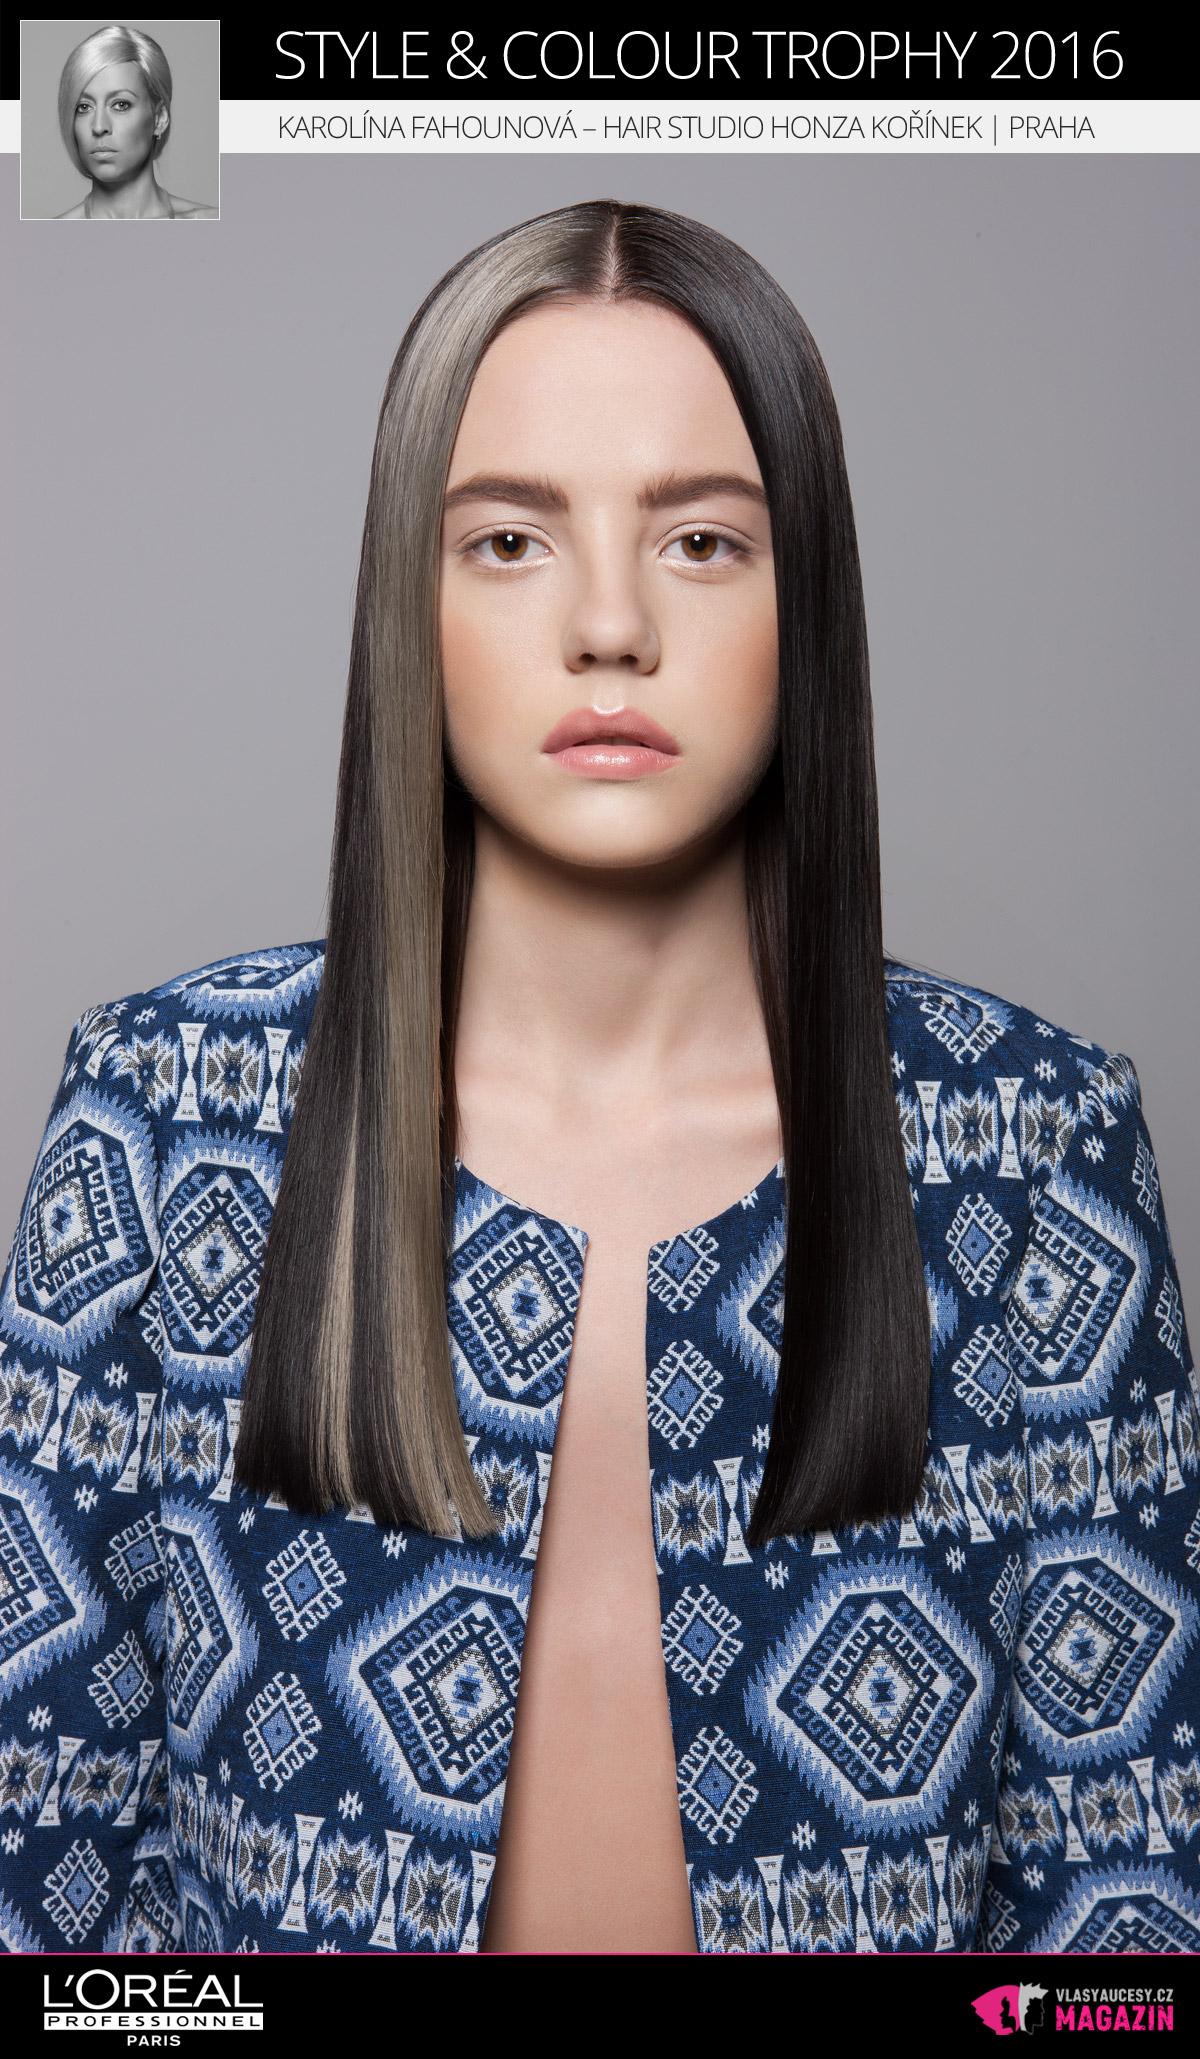 Karolína Fahounová – Hair Studio Honza Kořínek, Praha   L'Oréal Style & Colour Trophy 2016